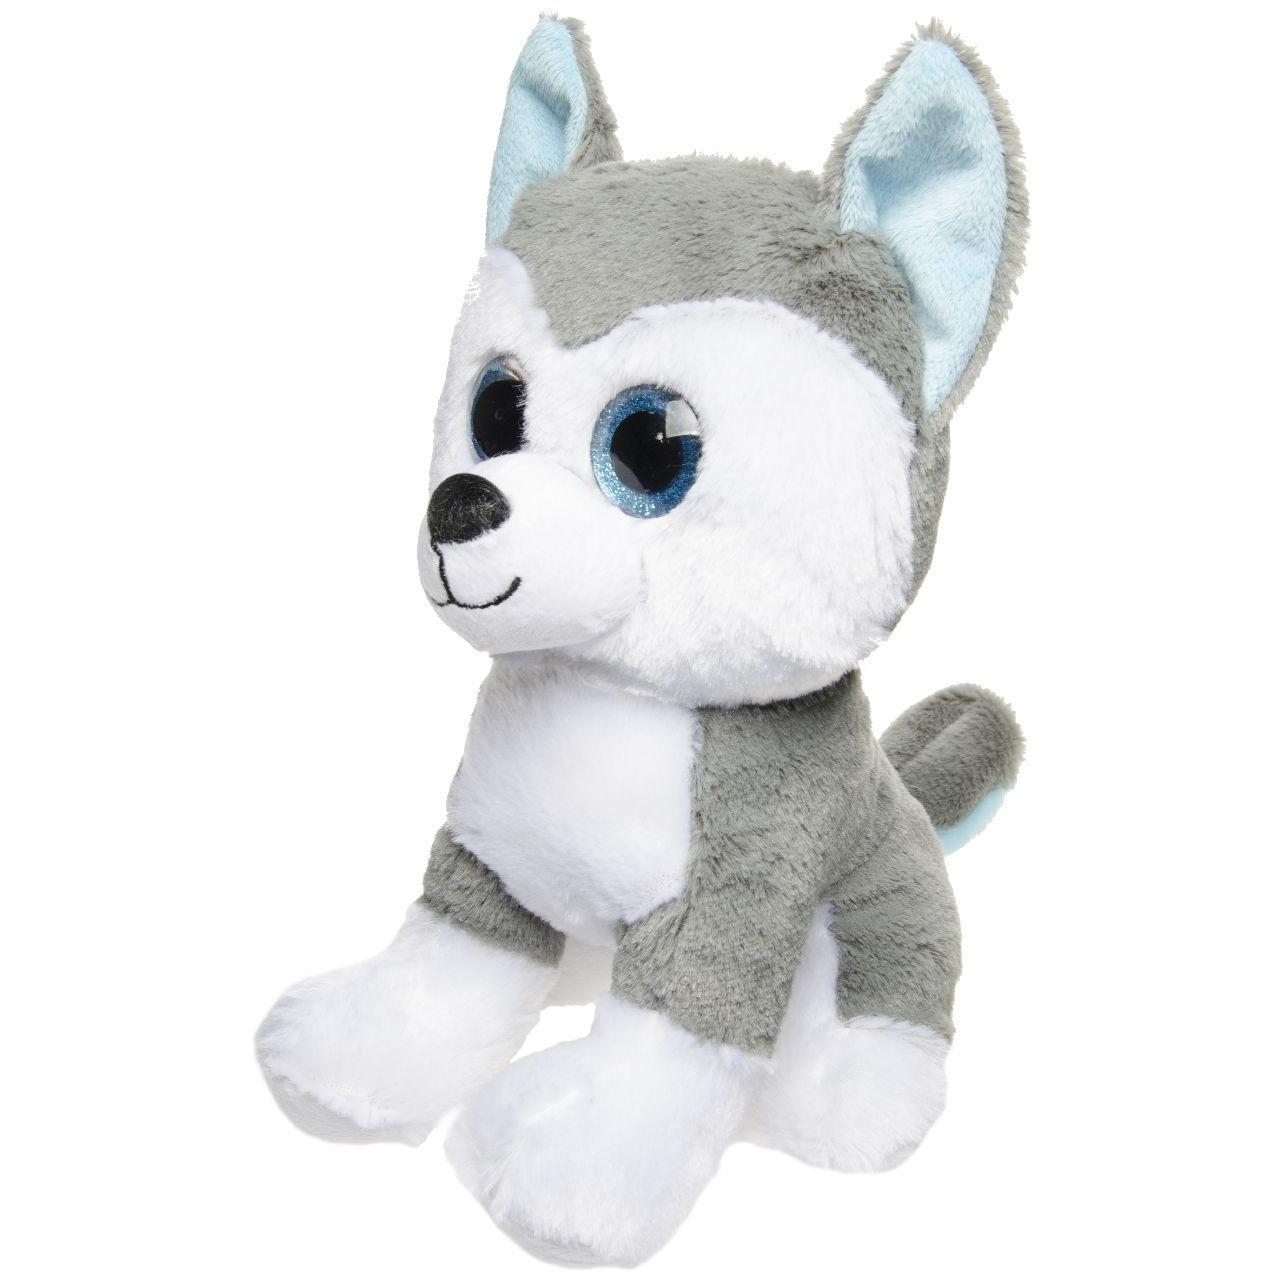 Pluche grijs/witte Husky honden knuffel 25 cm